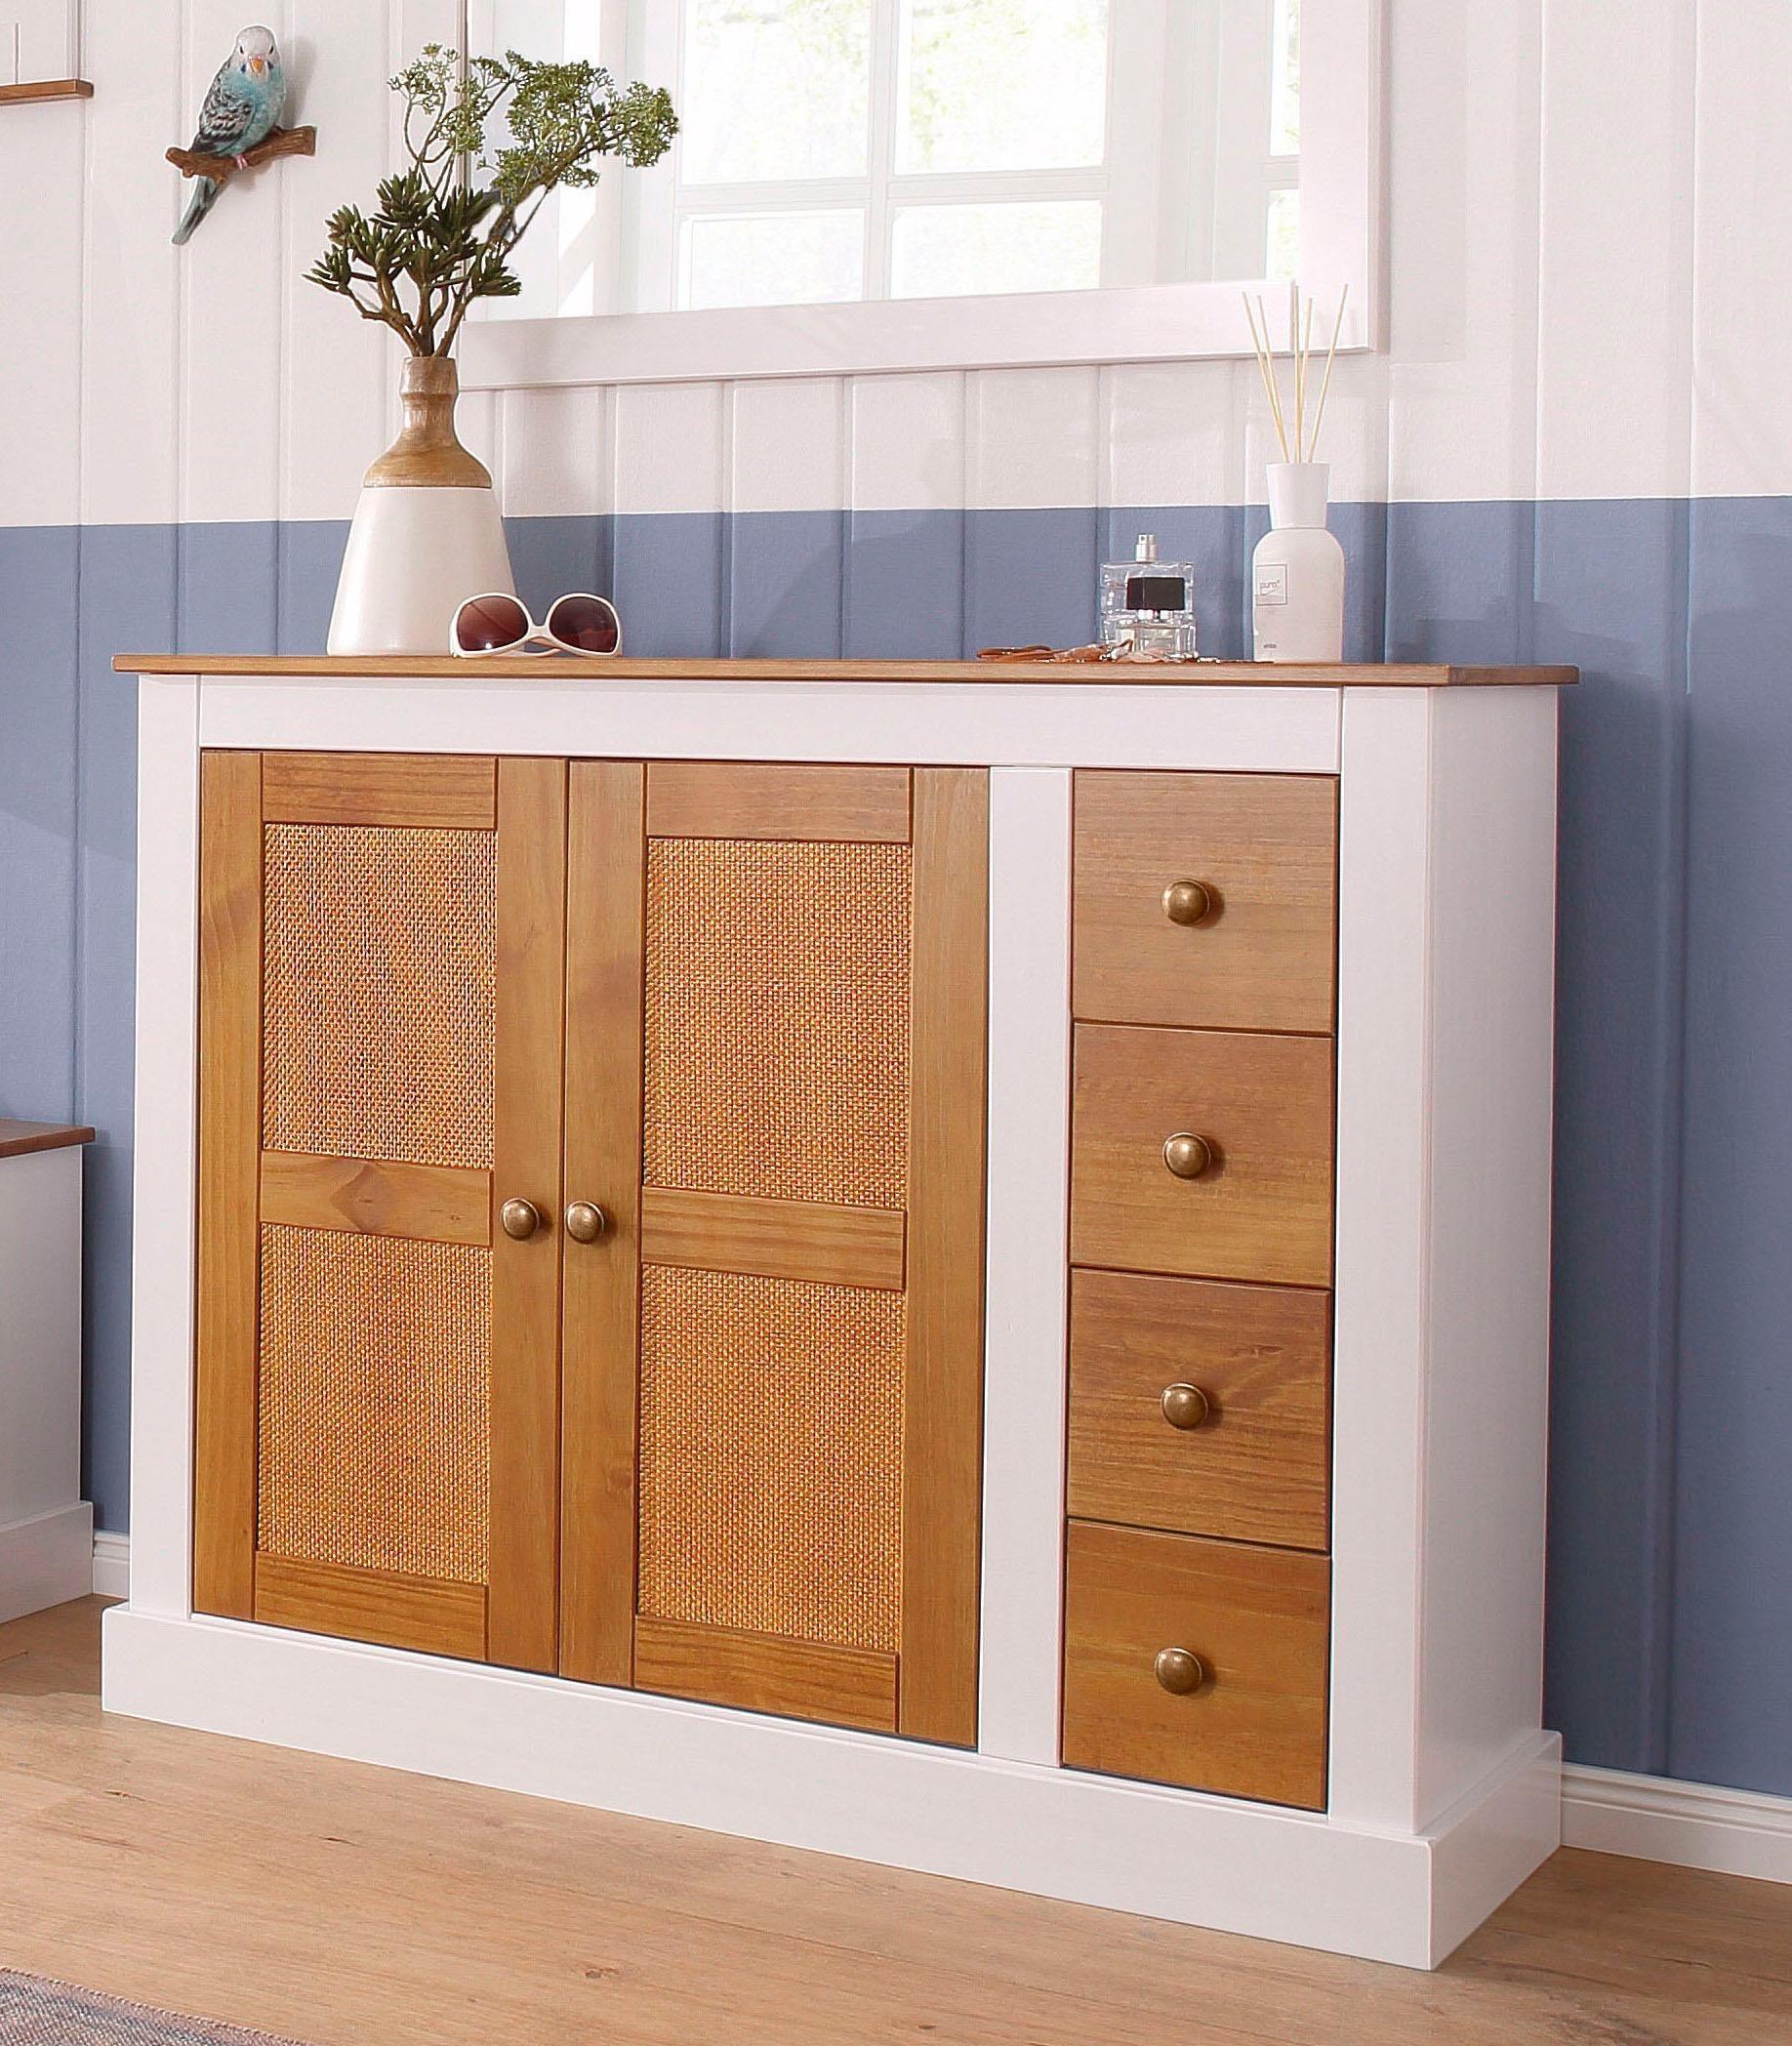 schuhschrank kiefer preisvergleich die besten angebote. Black Bedroom Furniture Sets. Home Design Ideas